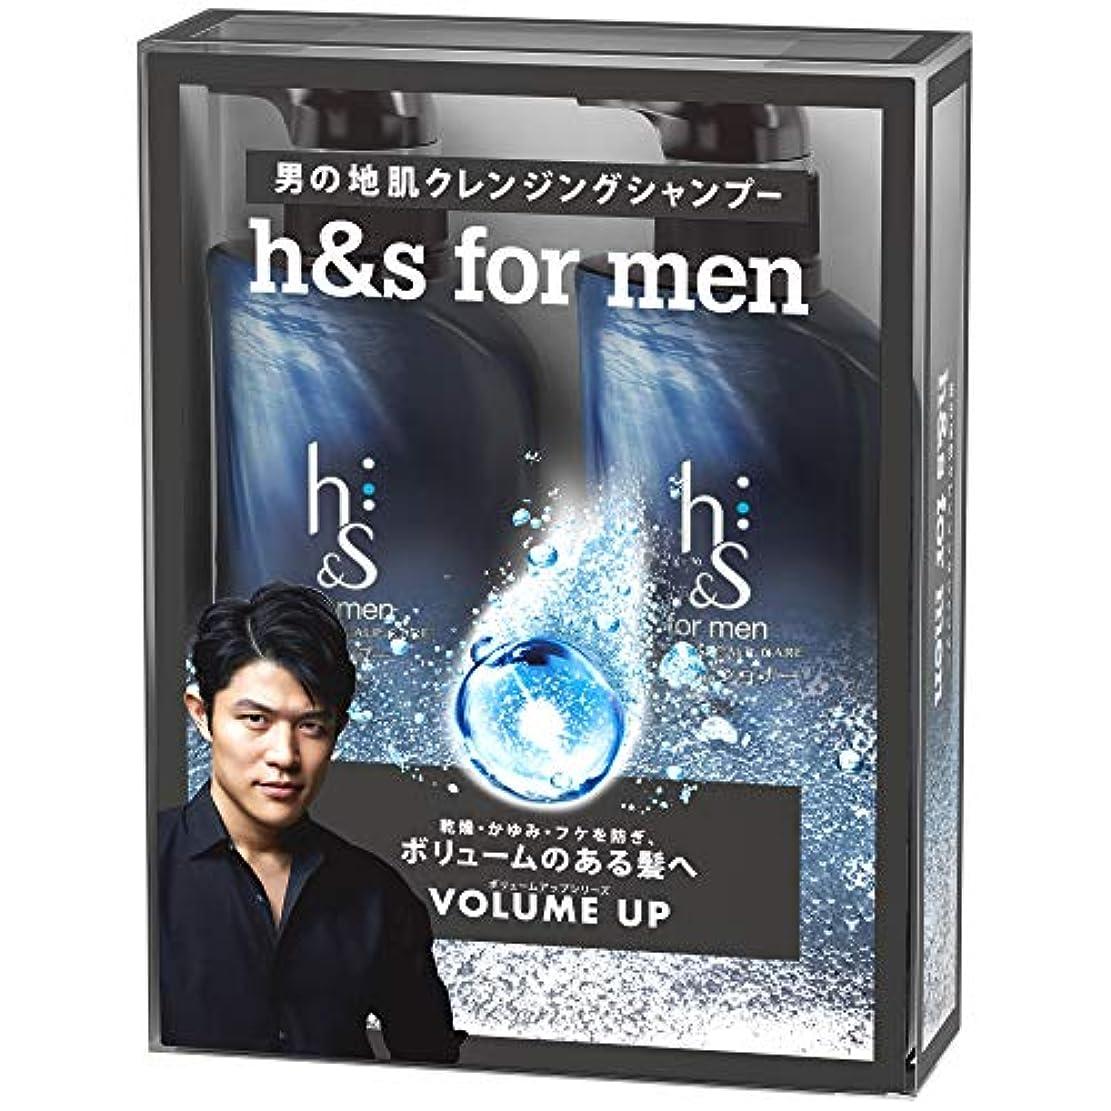 フリンジ映画見るh&s for men セット ボリュームアップ ポンプ シャンプー 370mL コンディショナー 370g